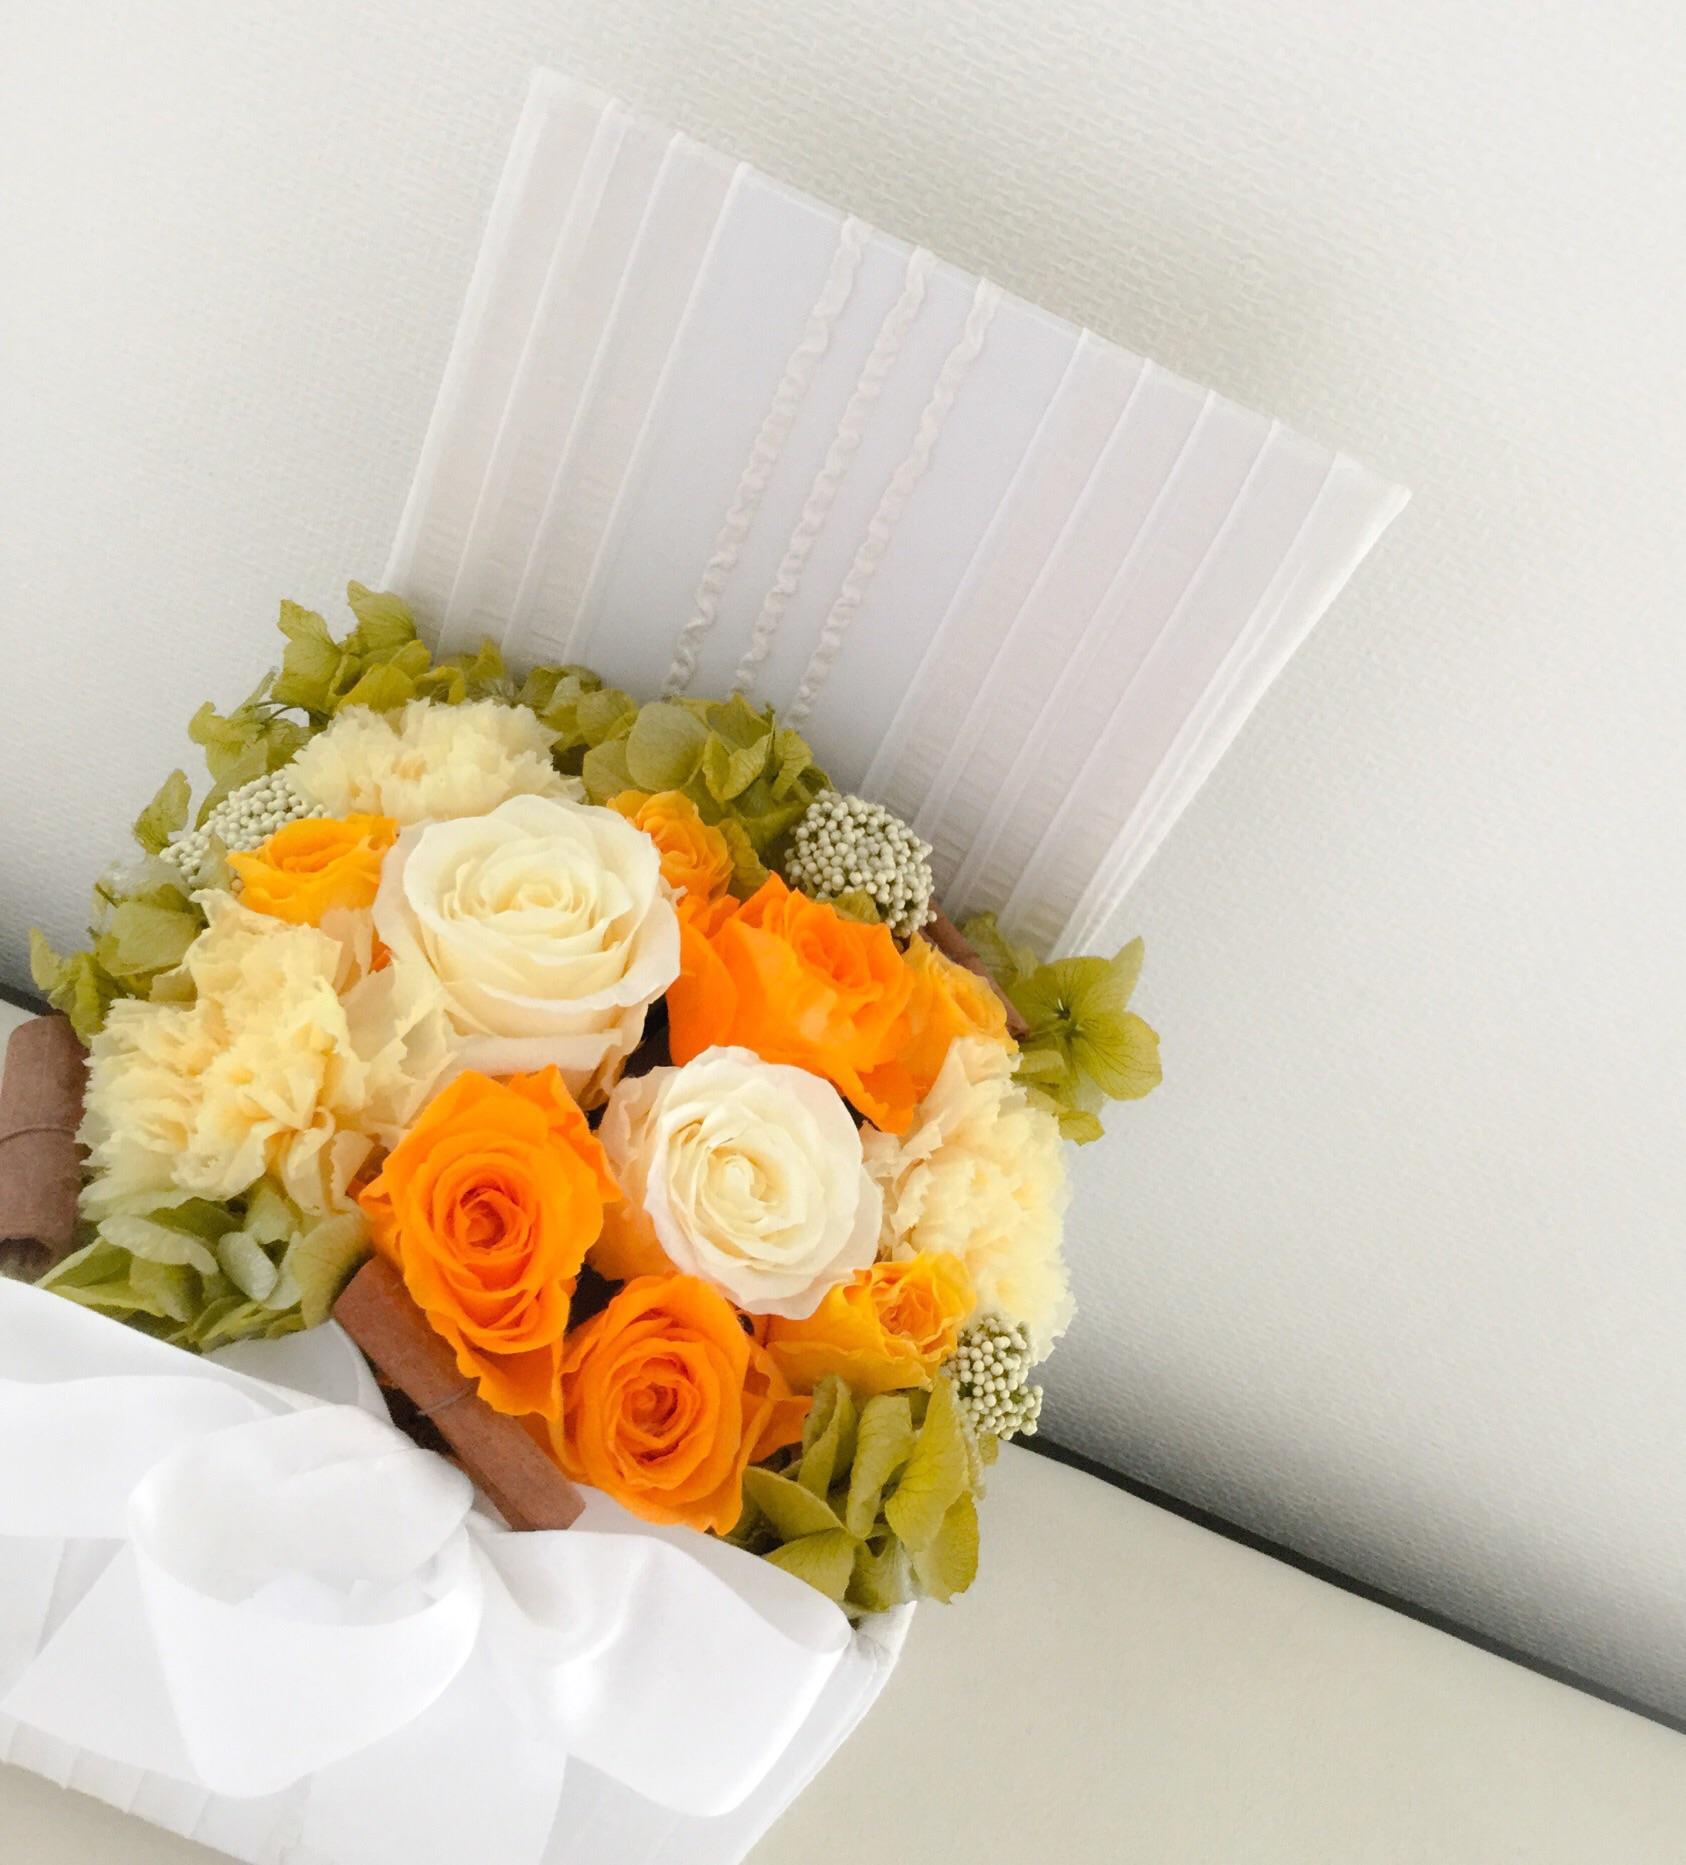 ハロゥイン,プリザーブドフラワー,秋の花,新潟,オレンジ